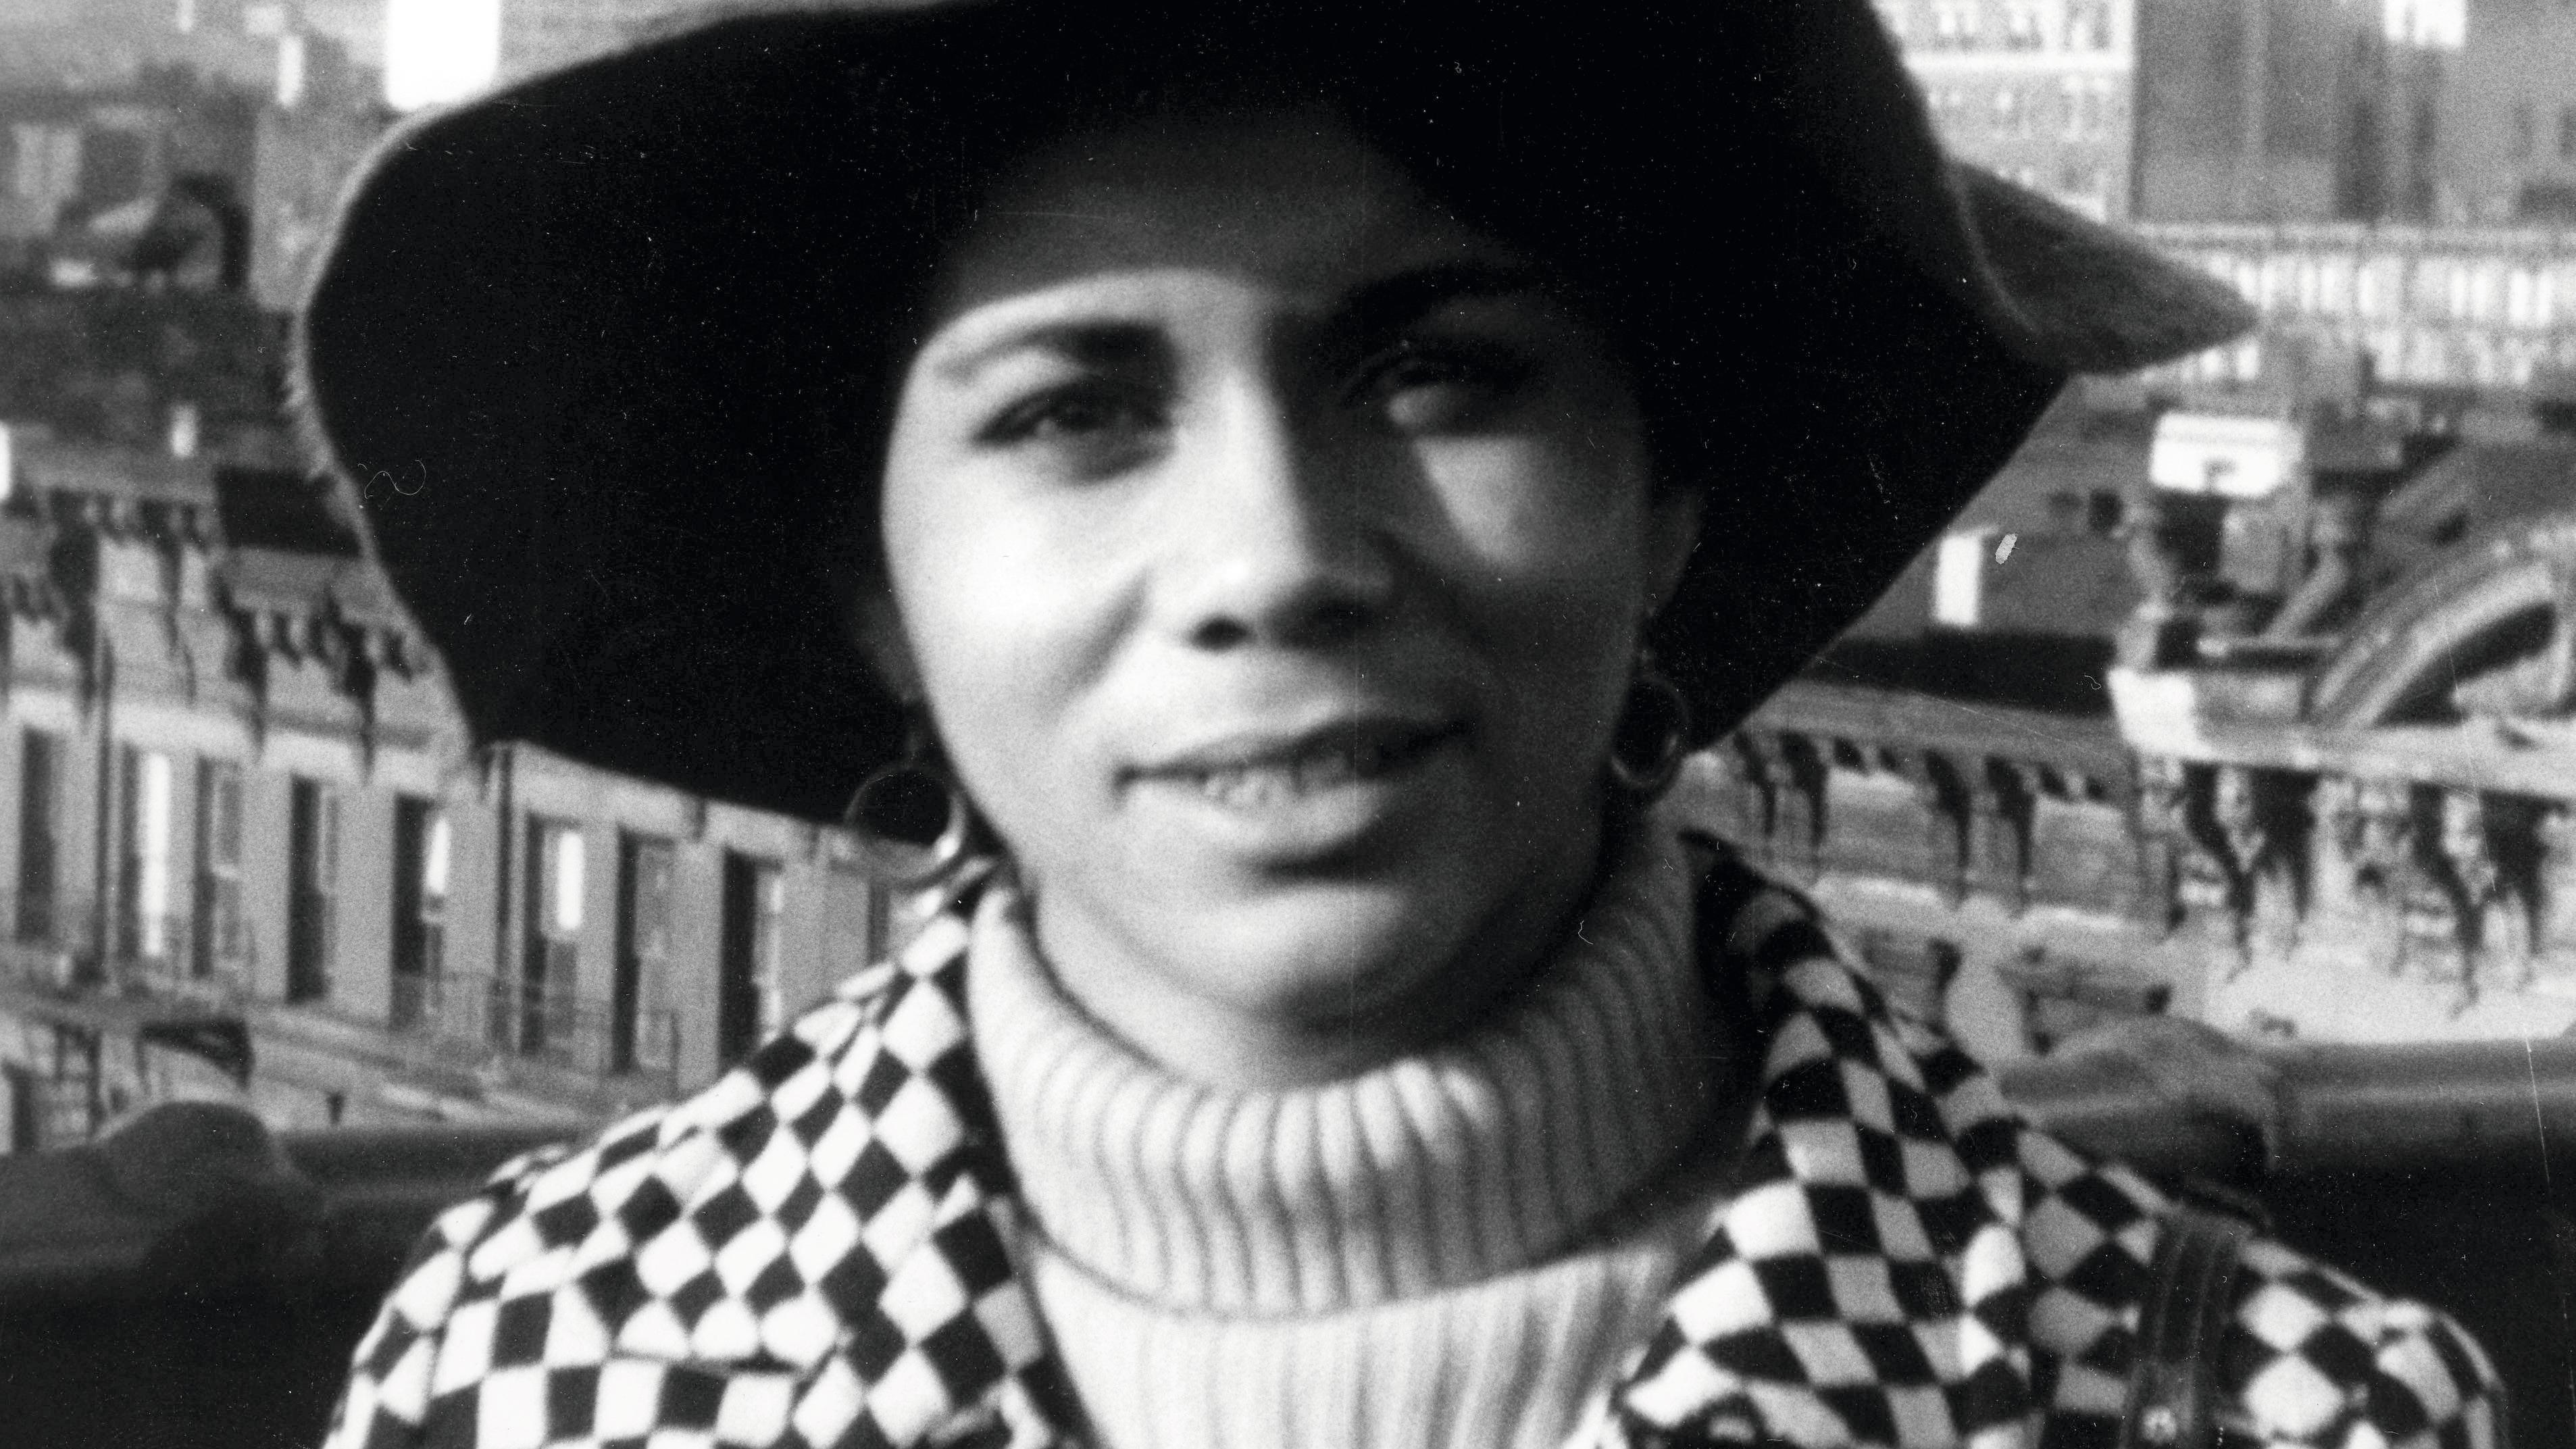 US-Autorin Kathleen Collins mit großem Hut in New York